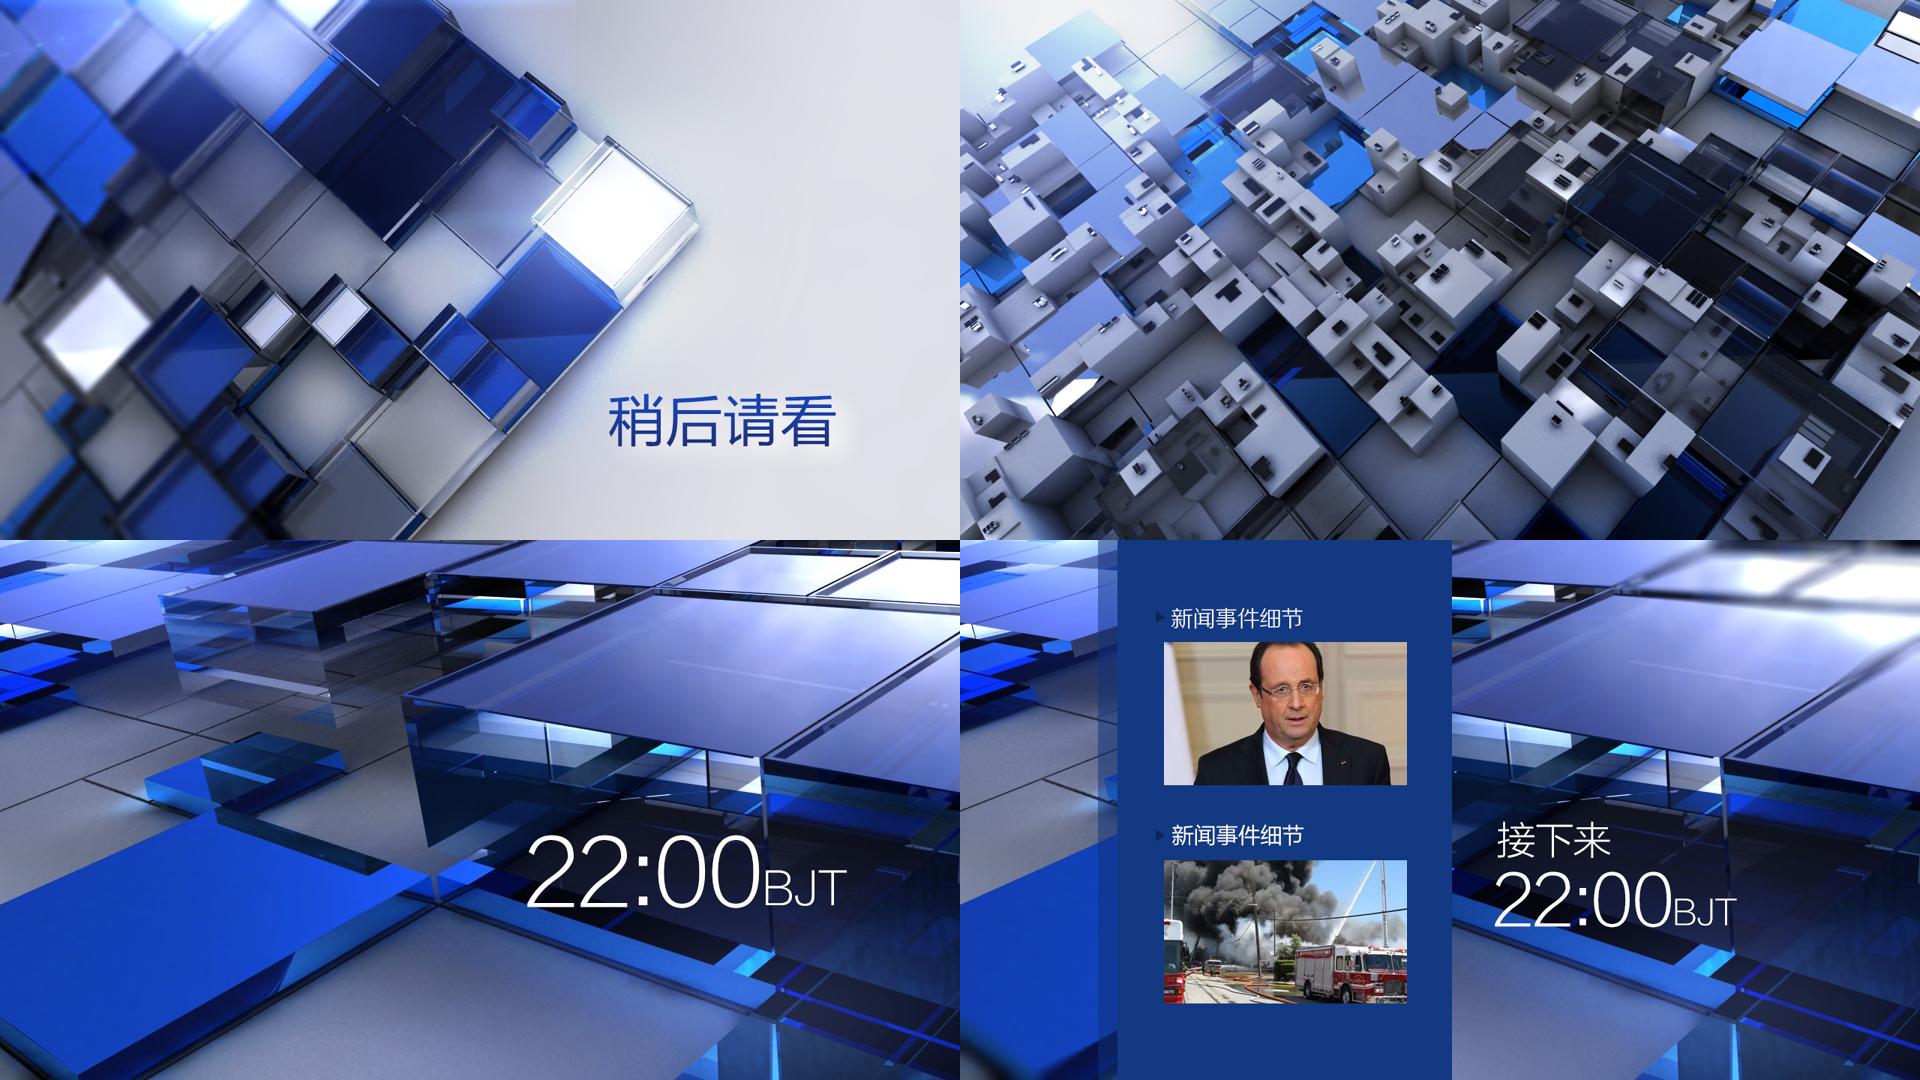 CCTV_Broadcast_Design_02.jpg